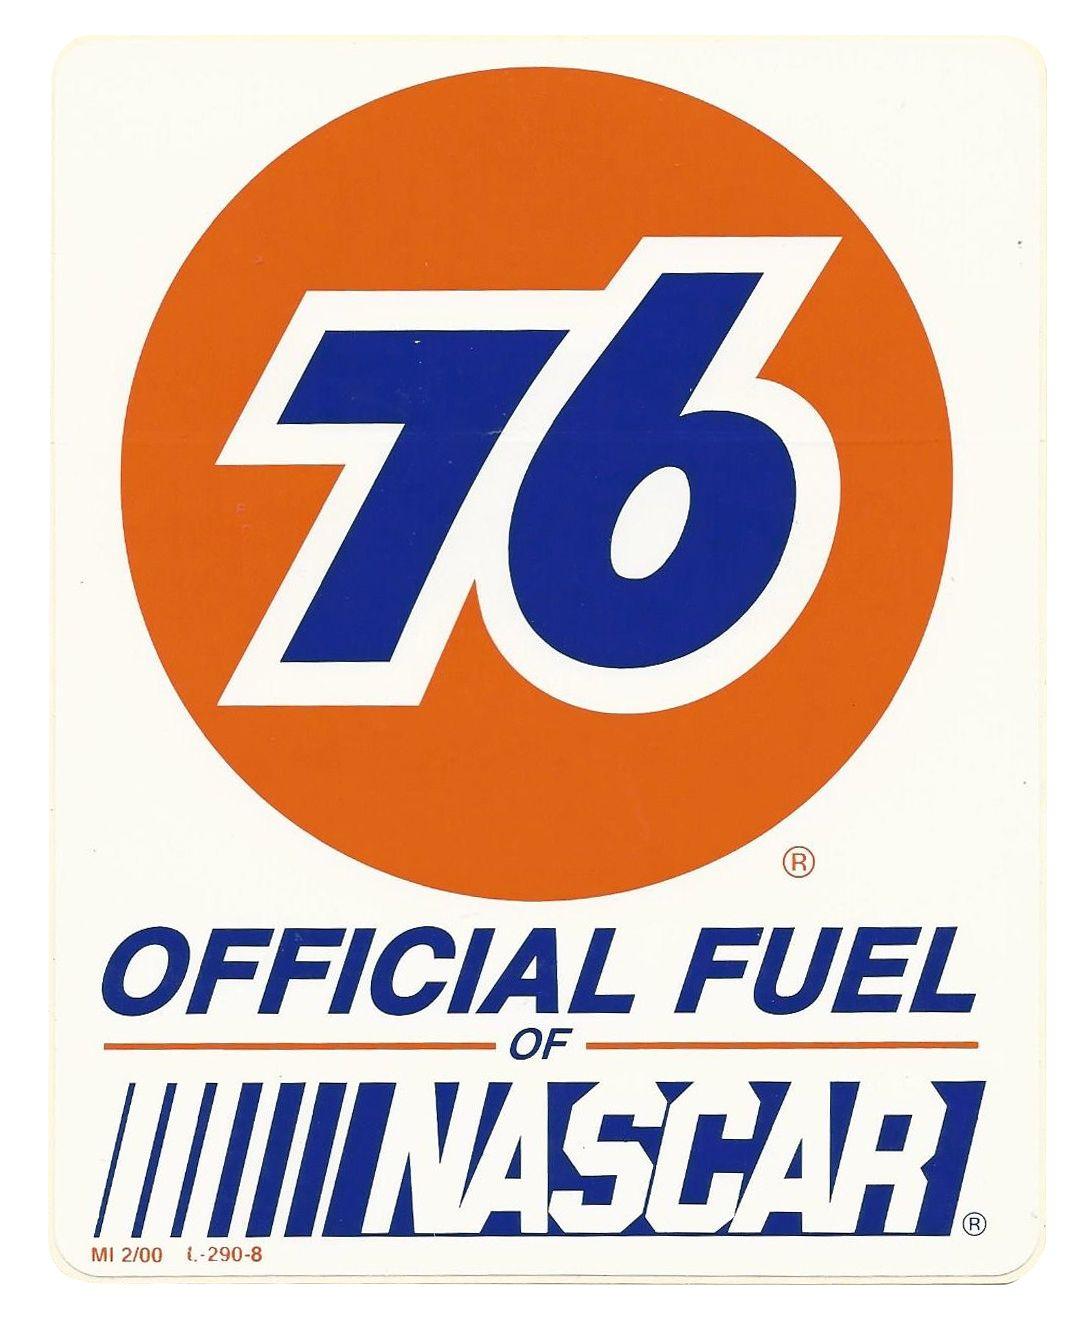 76 nascar vintage race logo decal sticker Vintage Racing